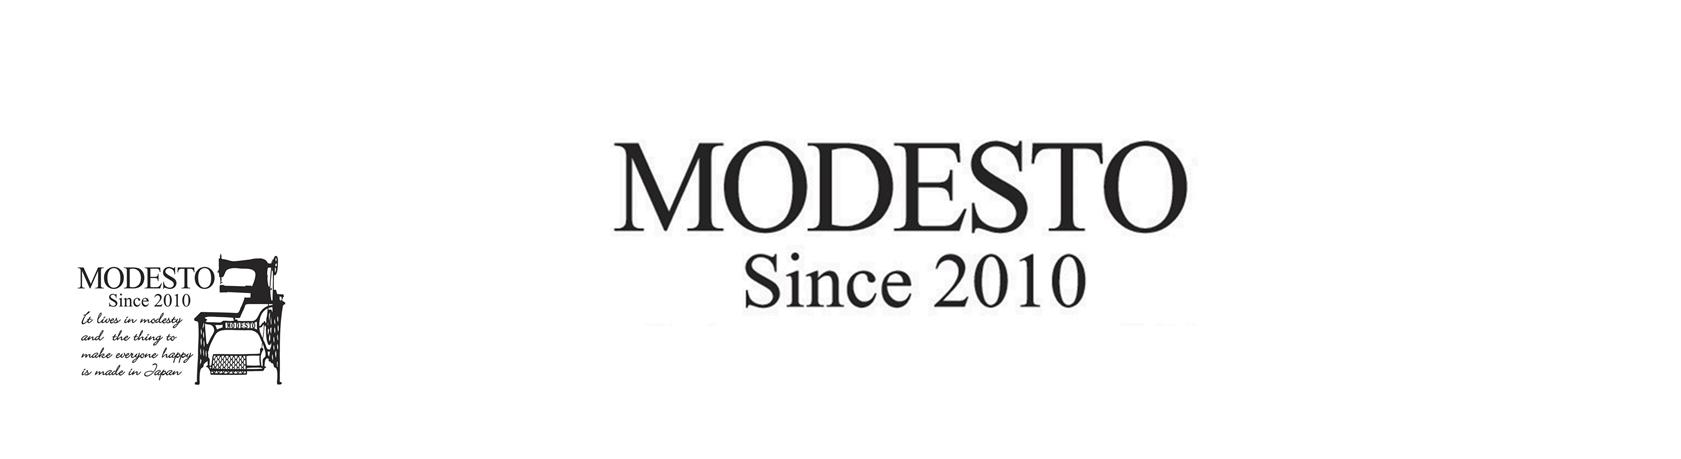 職人が作るレザーアイテム「MODESTO」